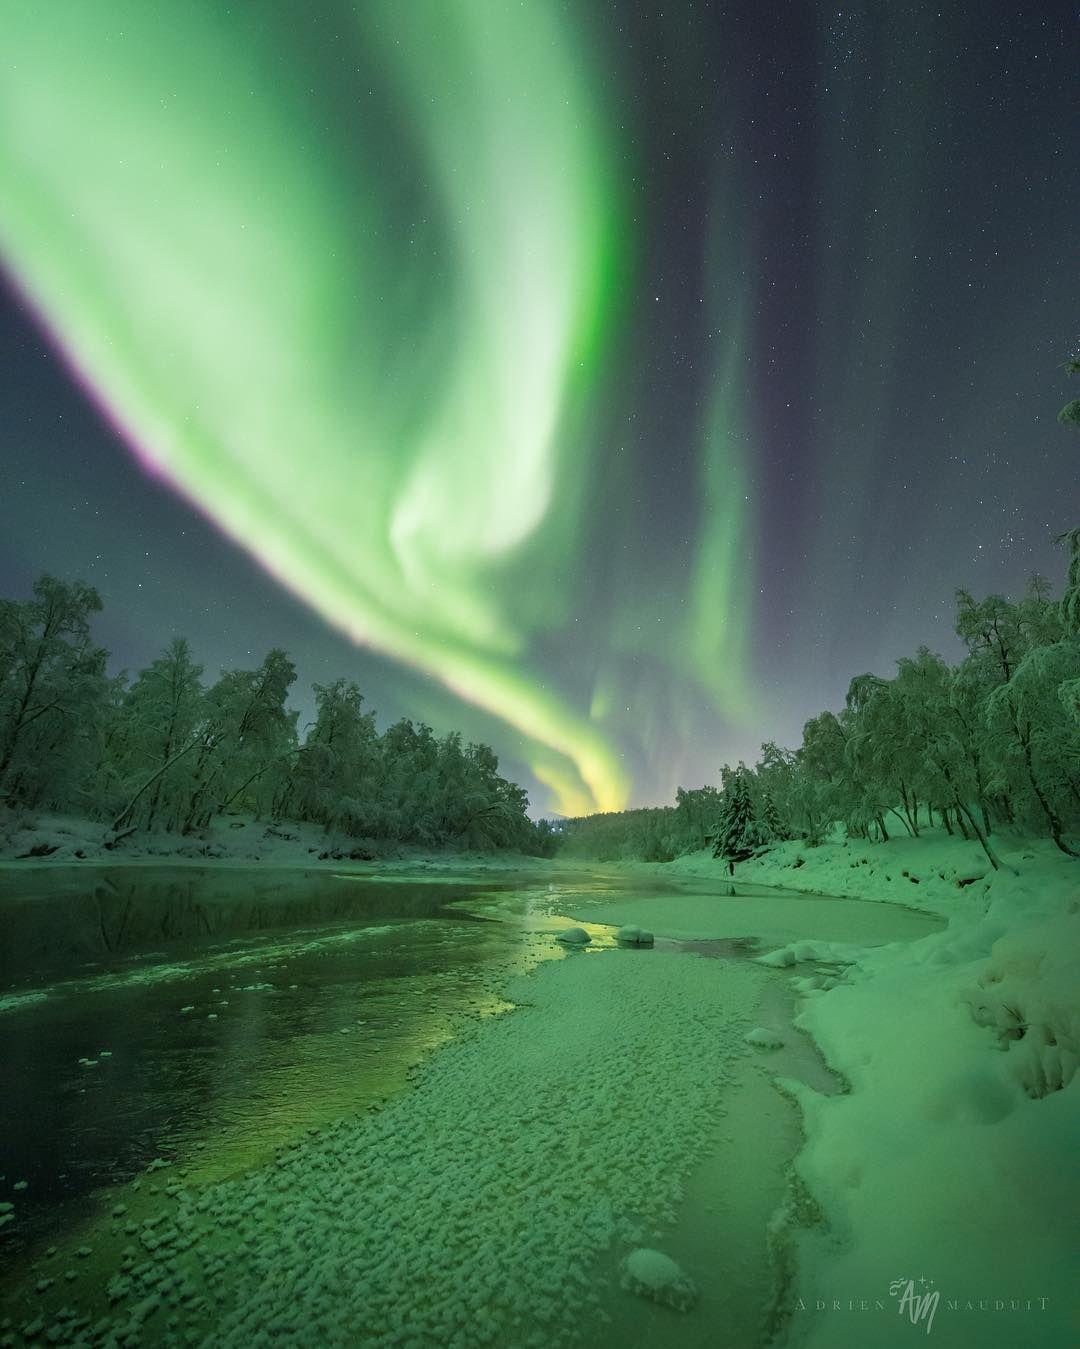 Красота северного сияния на снимках Адриена Луи Модуита ...